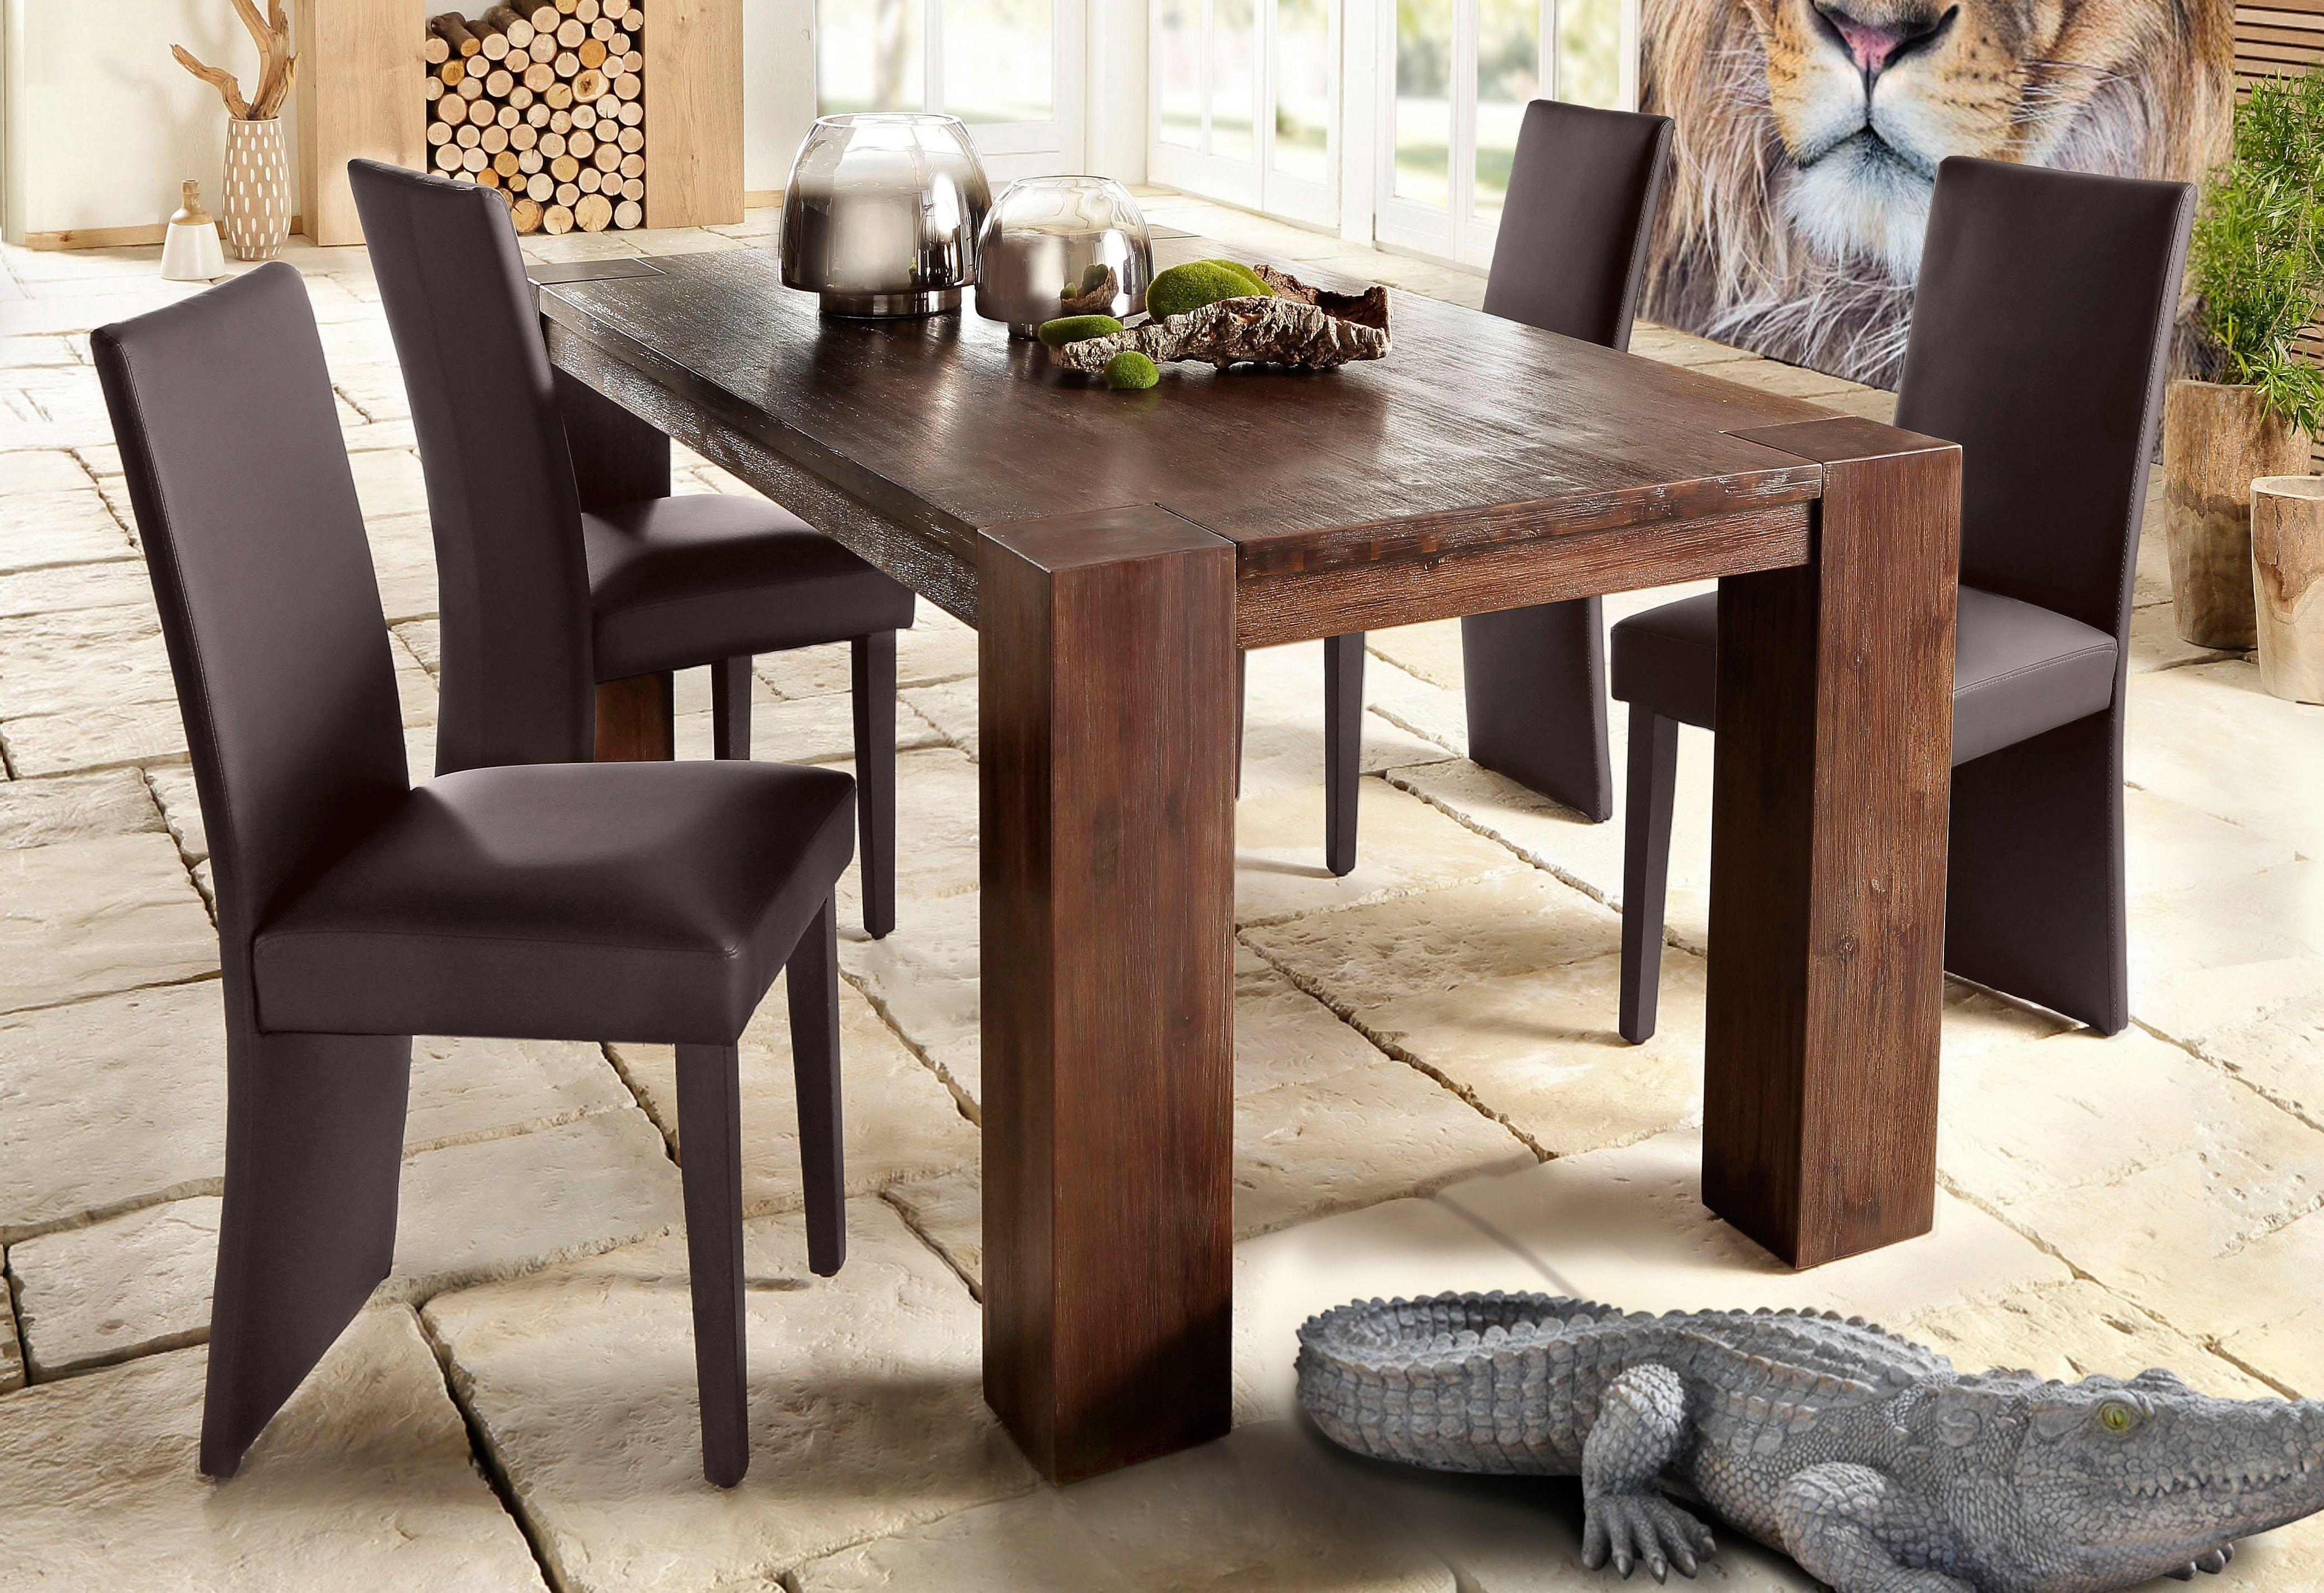 Home Affaire Esstisch Braun Tischbeine 12 12 Cm Eckig 180 90cm Maggie Pflegeleichte Oberfläche Fsc Zertifiziert Jetzt Beste Esstisch Tisch Küche Tisch